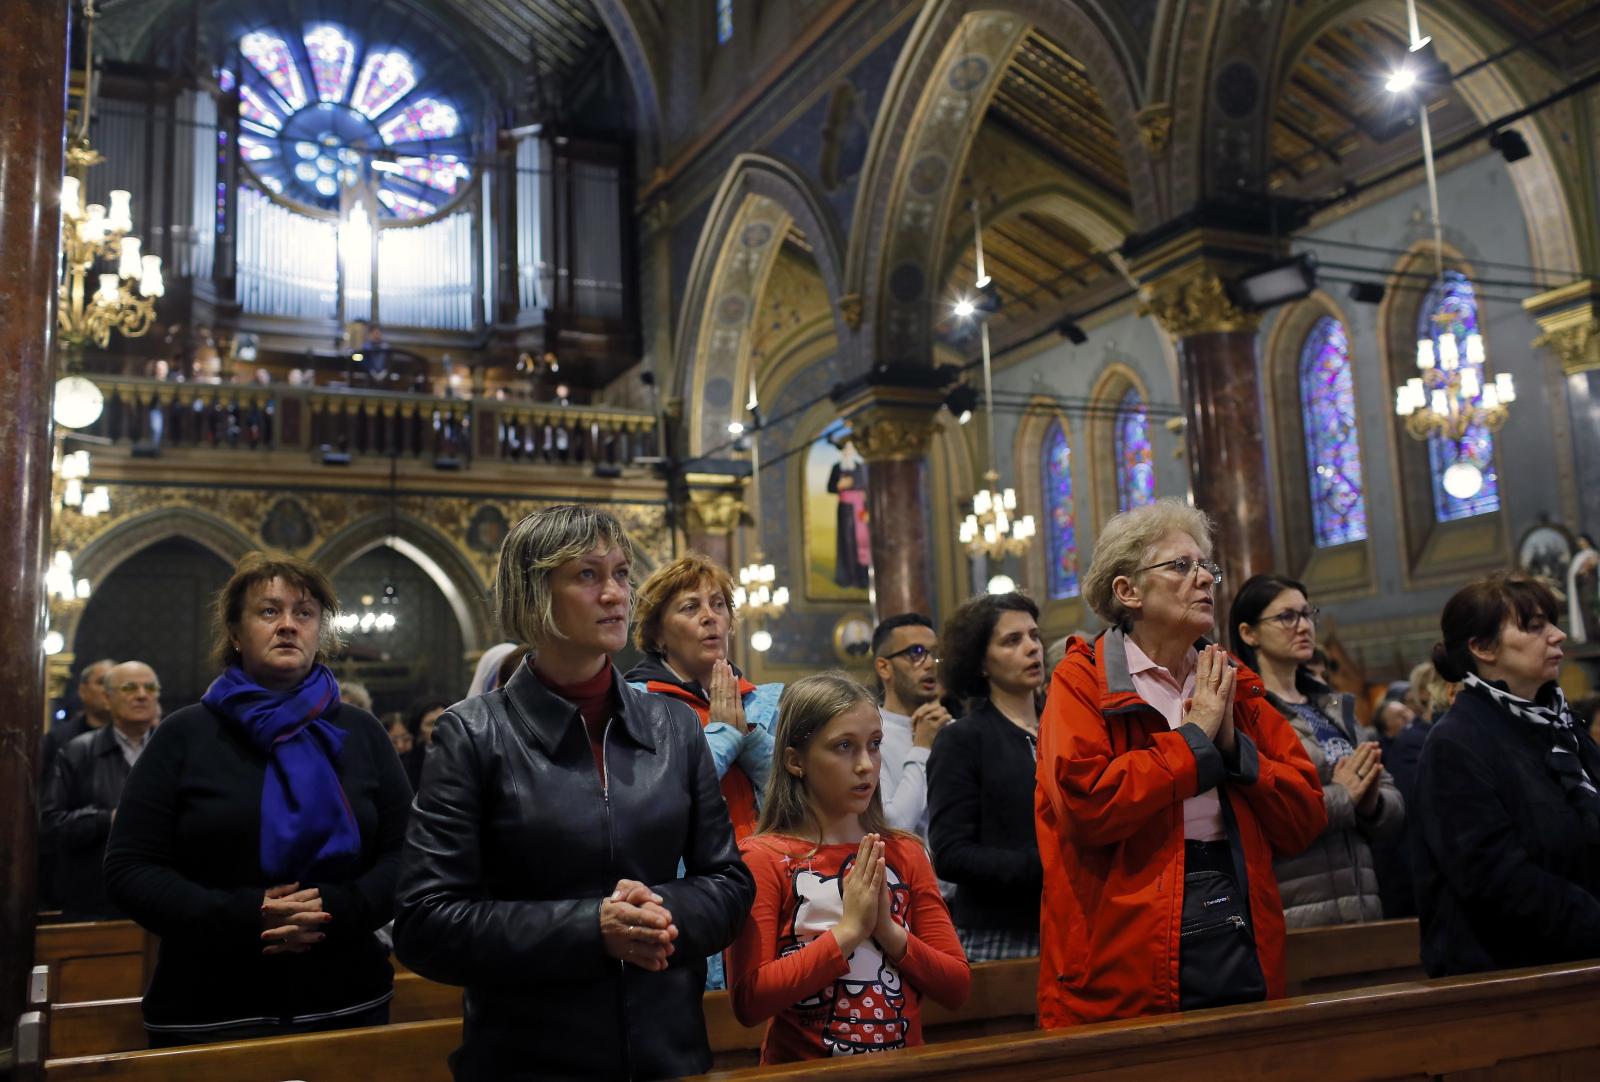 Rumunia przygotowuje się do wizyty papieża Franciszka EPA/ROBERT GHEMENT